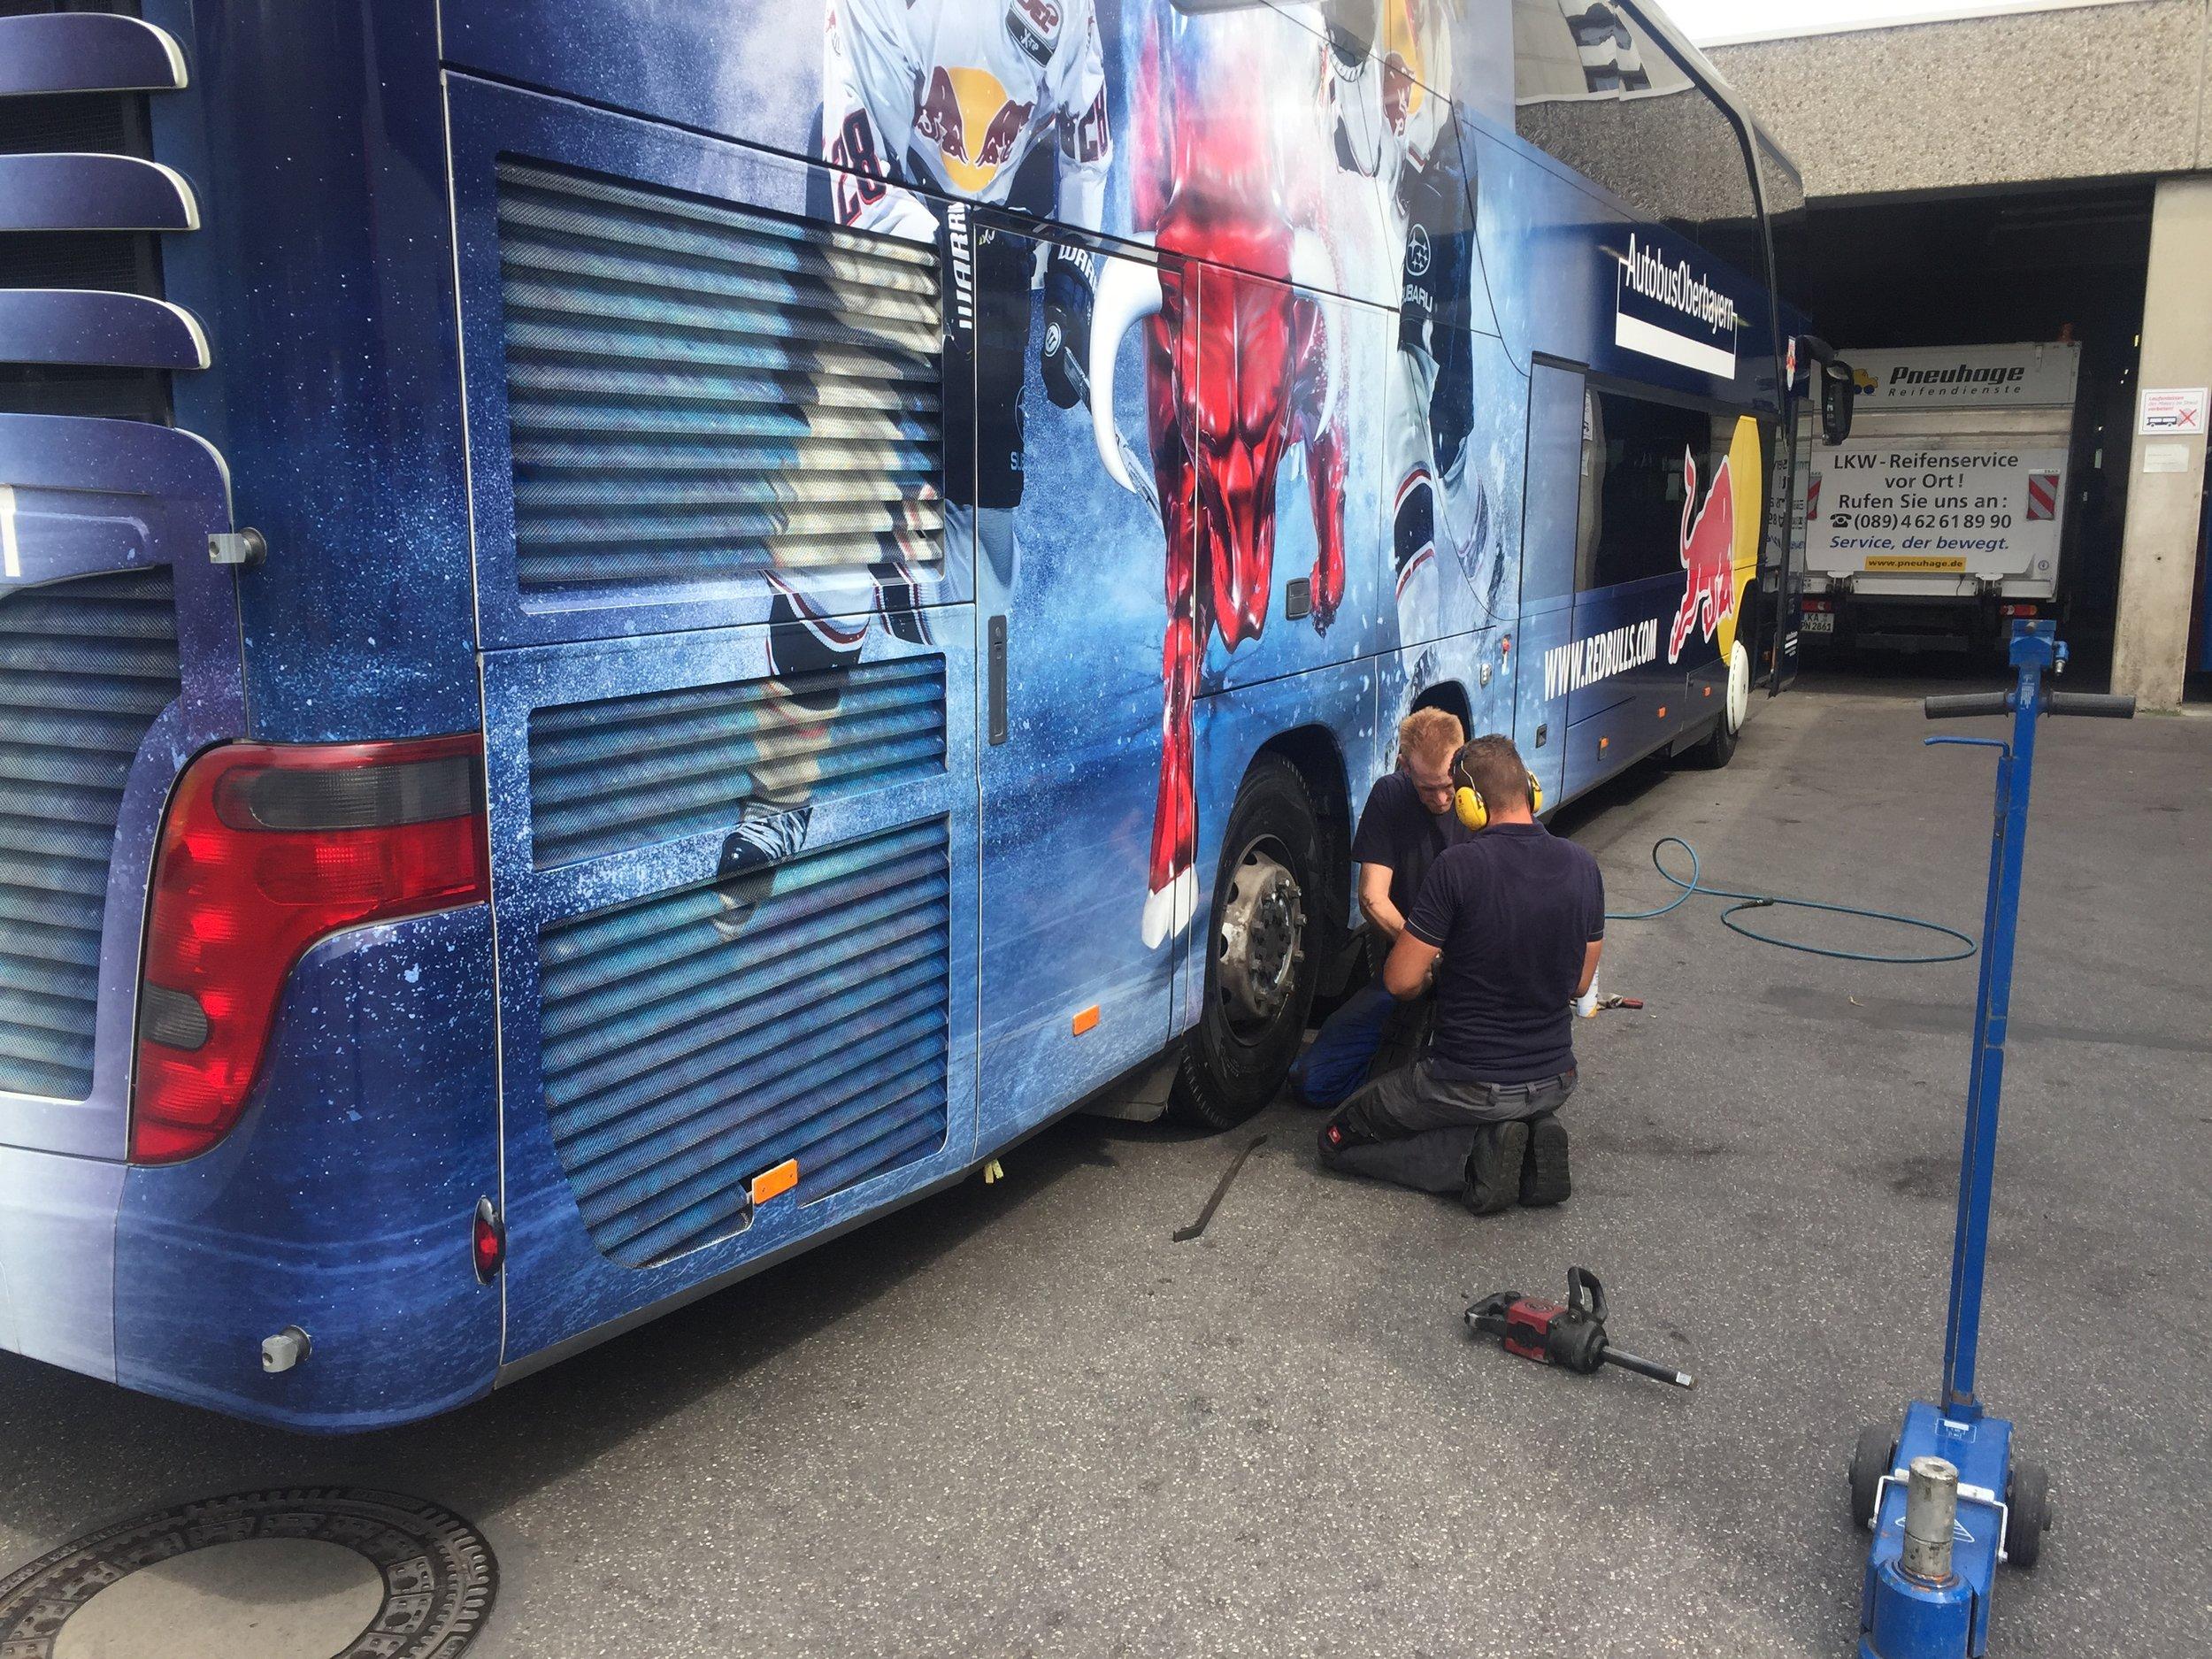 Red Bull München Mannschaftsbus auf YOKOHAMA Busreifen